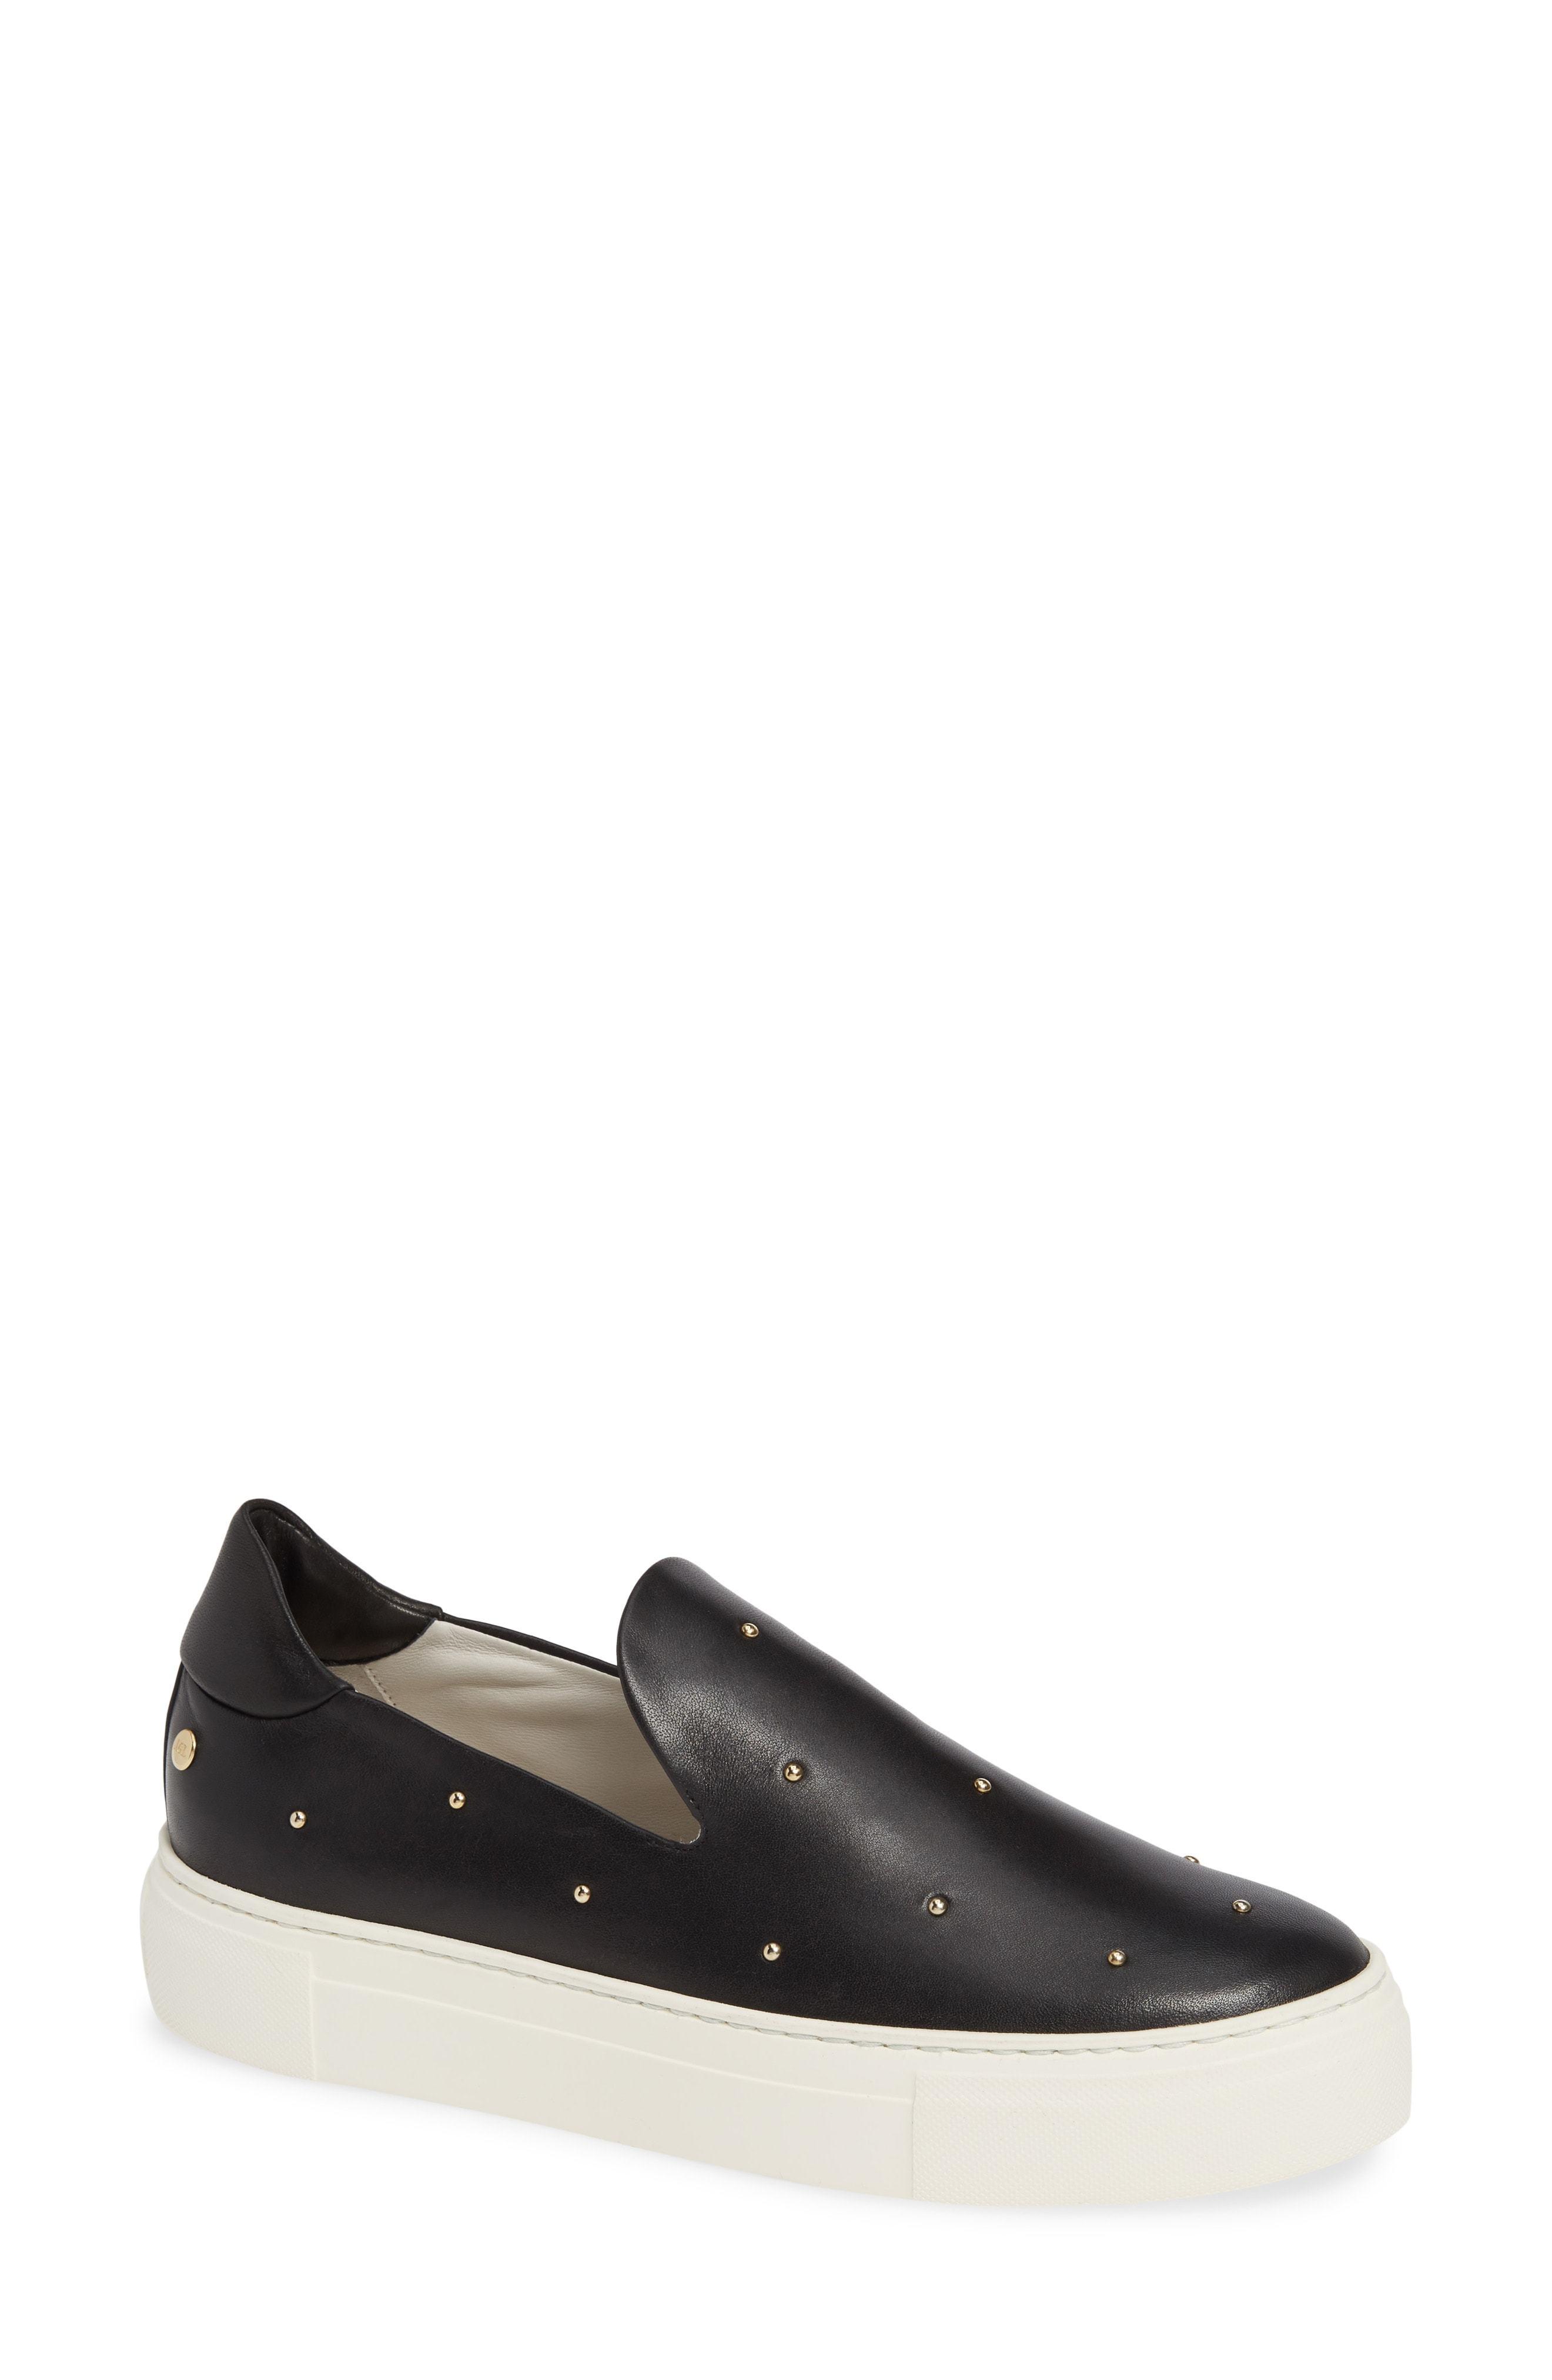 AGL Studded Slip On Sneaker, $155